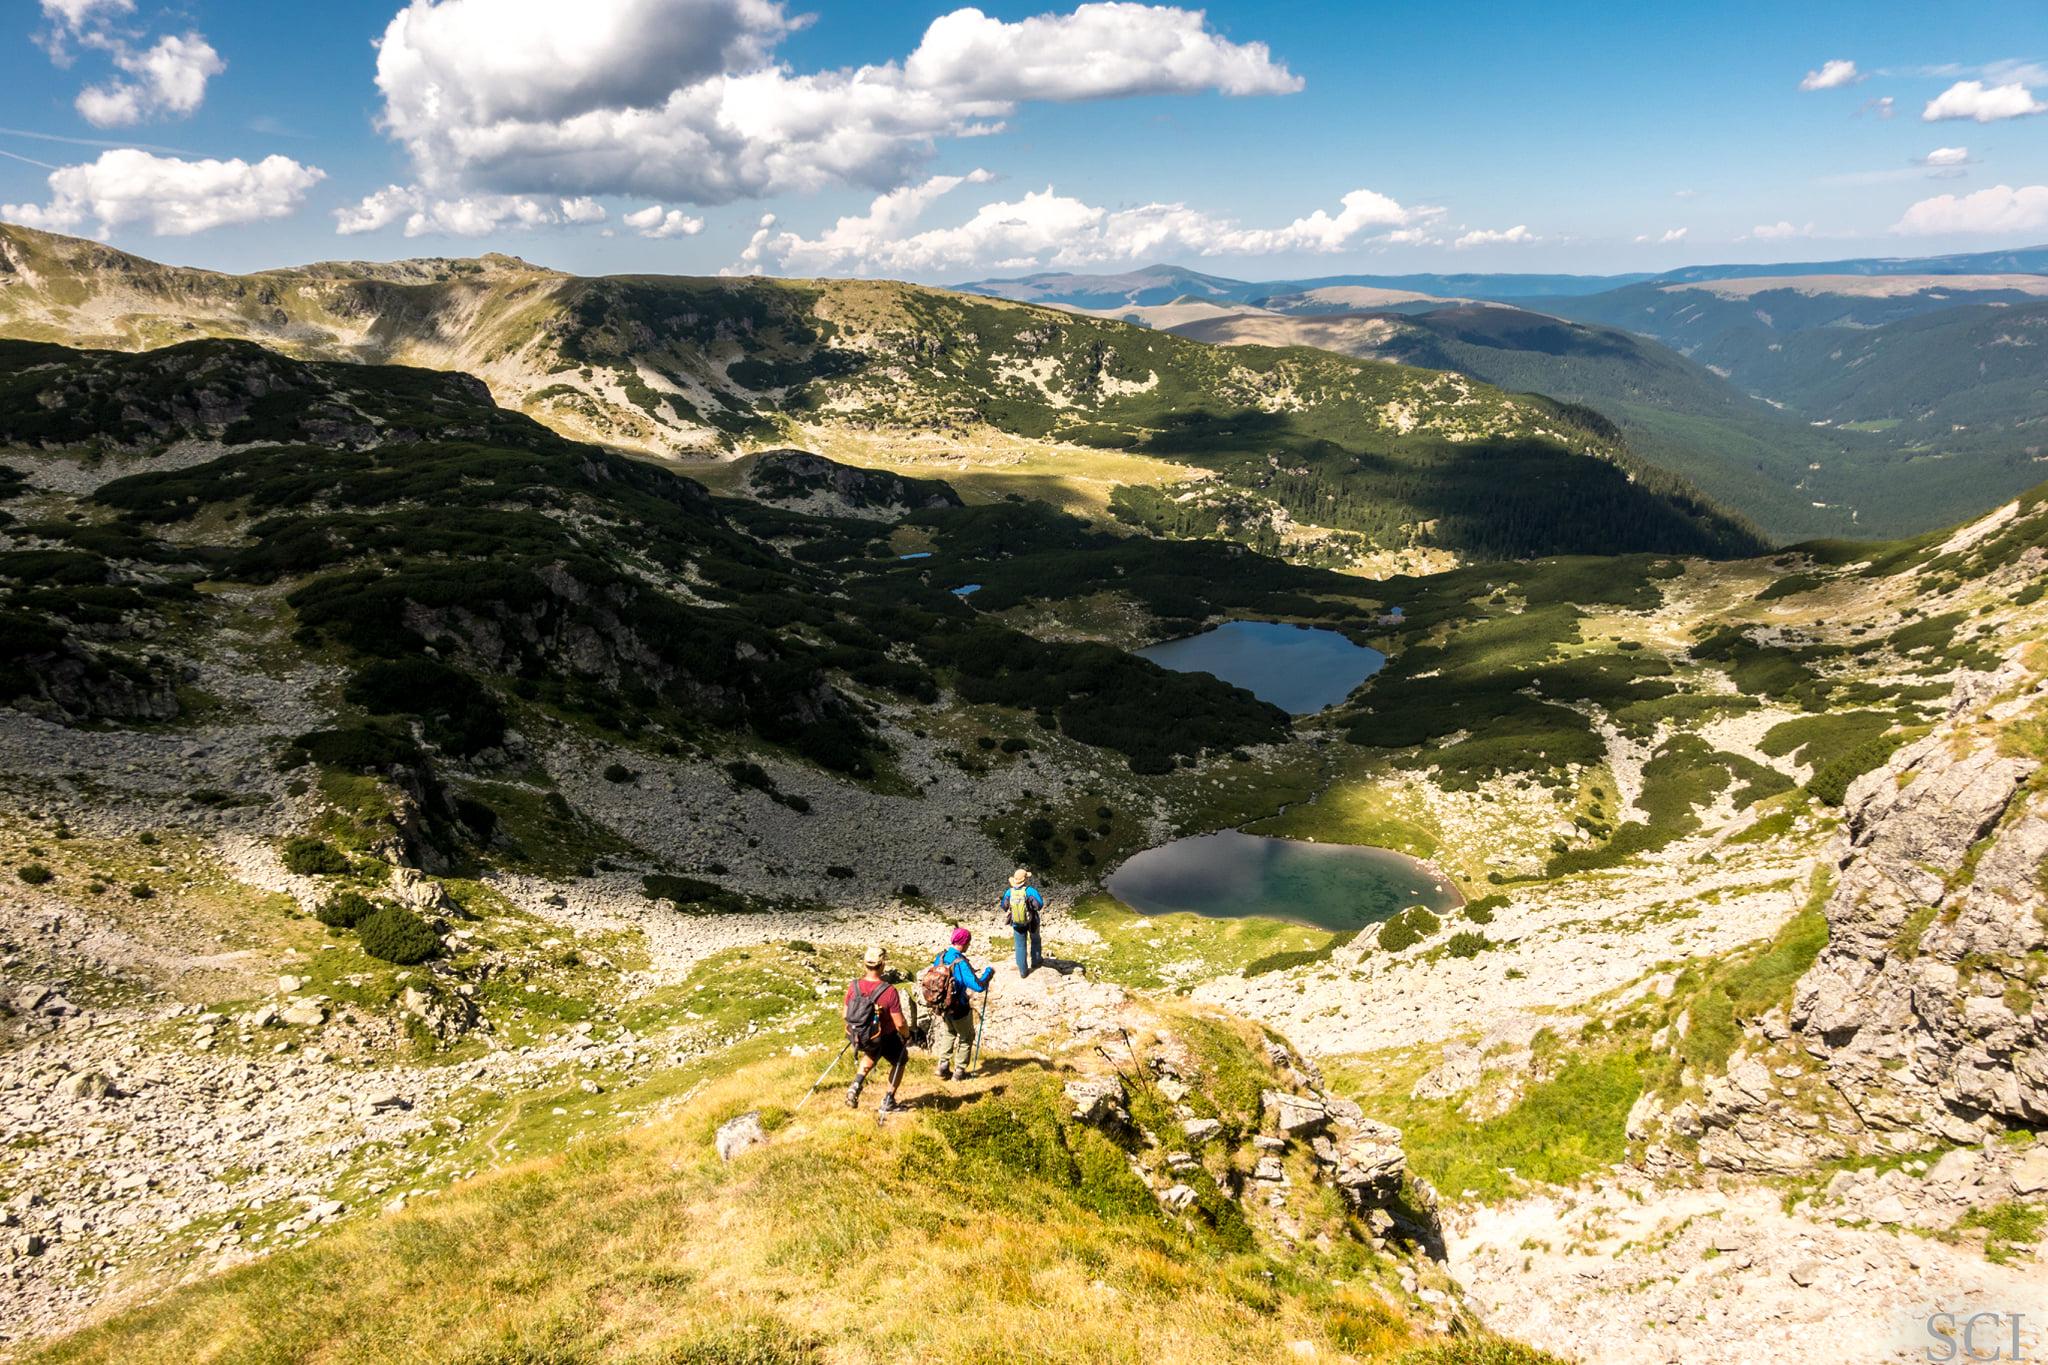 Hornul Lacurilor - Csaba-Ilie Silvesan